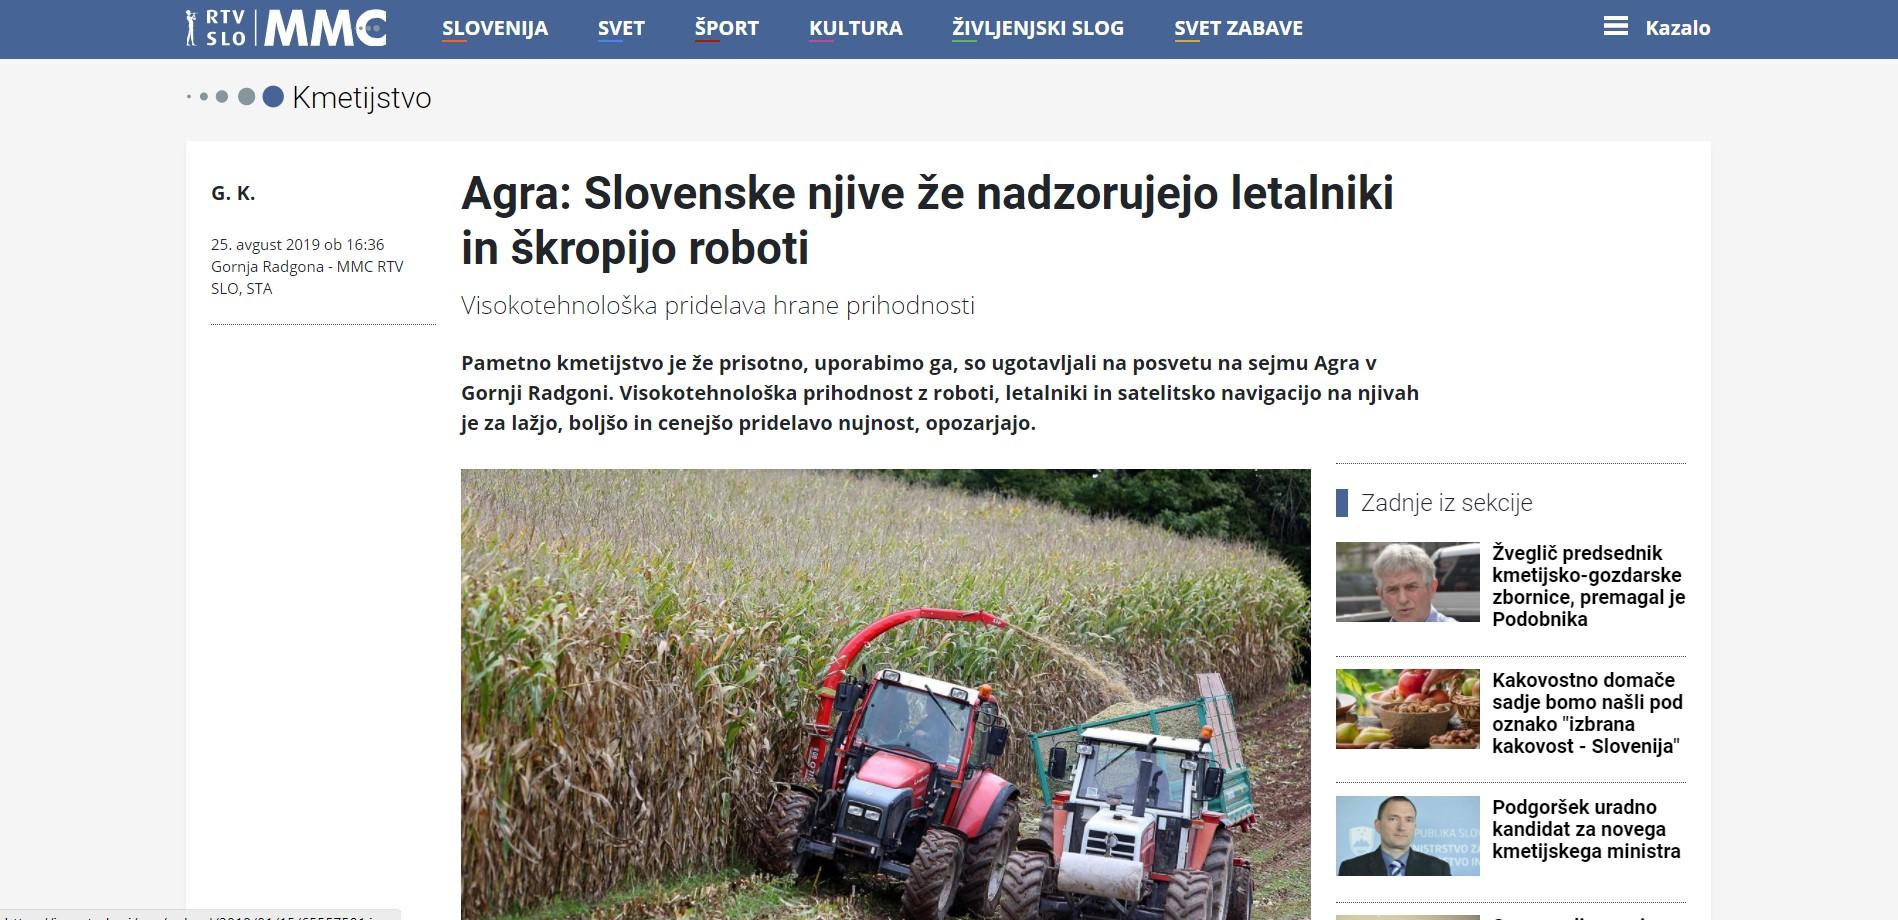 Termodron u medijima | Agra: Slovenske njive že nadzorujejo letalniki in škropijo roboti